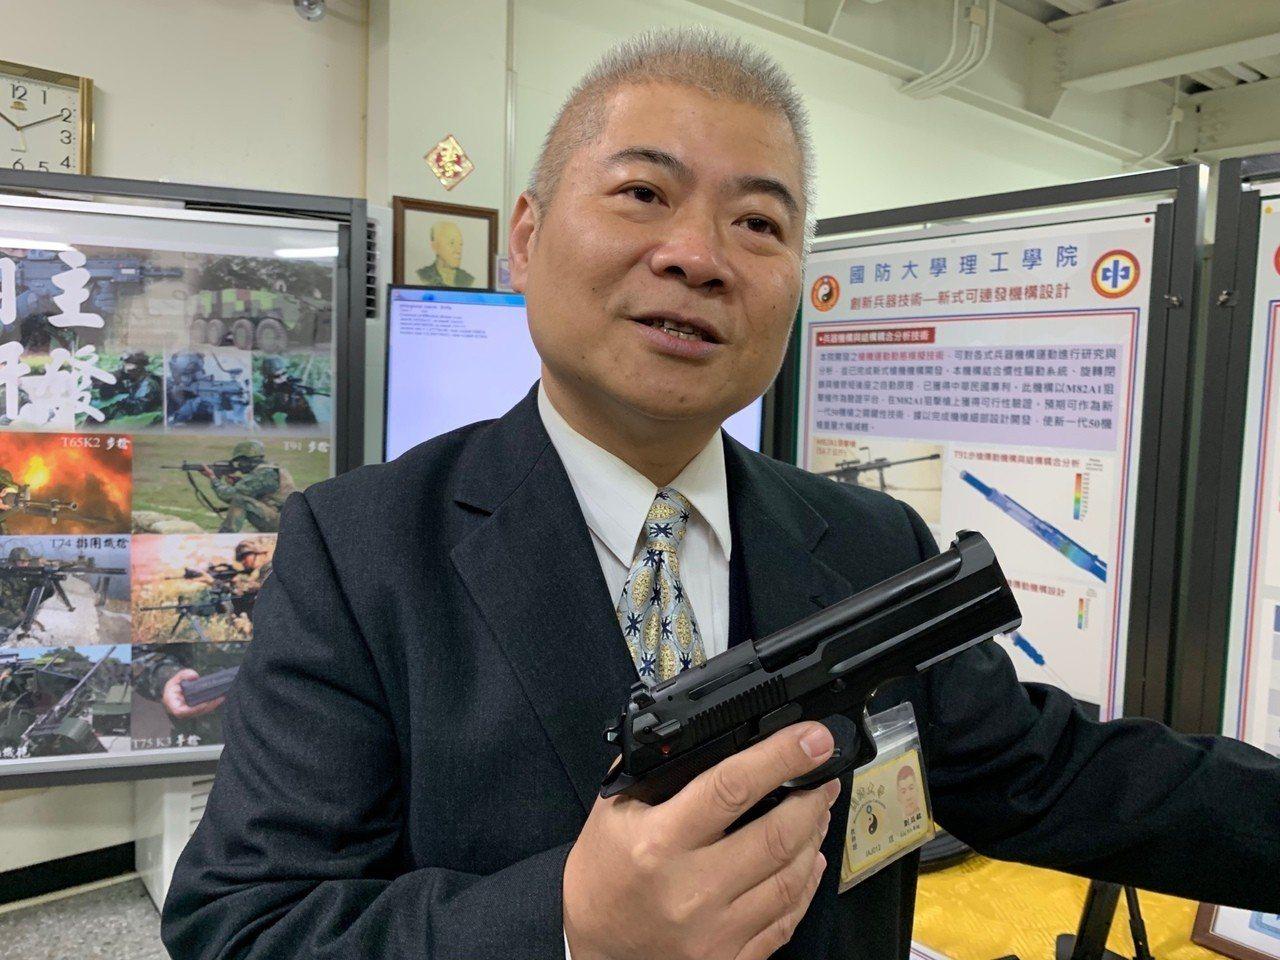 國防大學理工學院化學及材料工程學系教授劉益銘表示,該院開發出「多邊形光膛槍管」,...